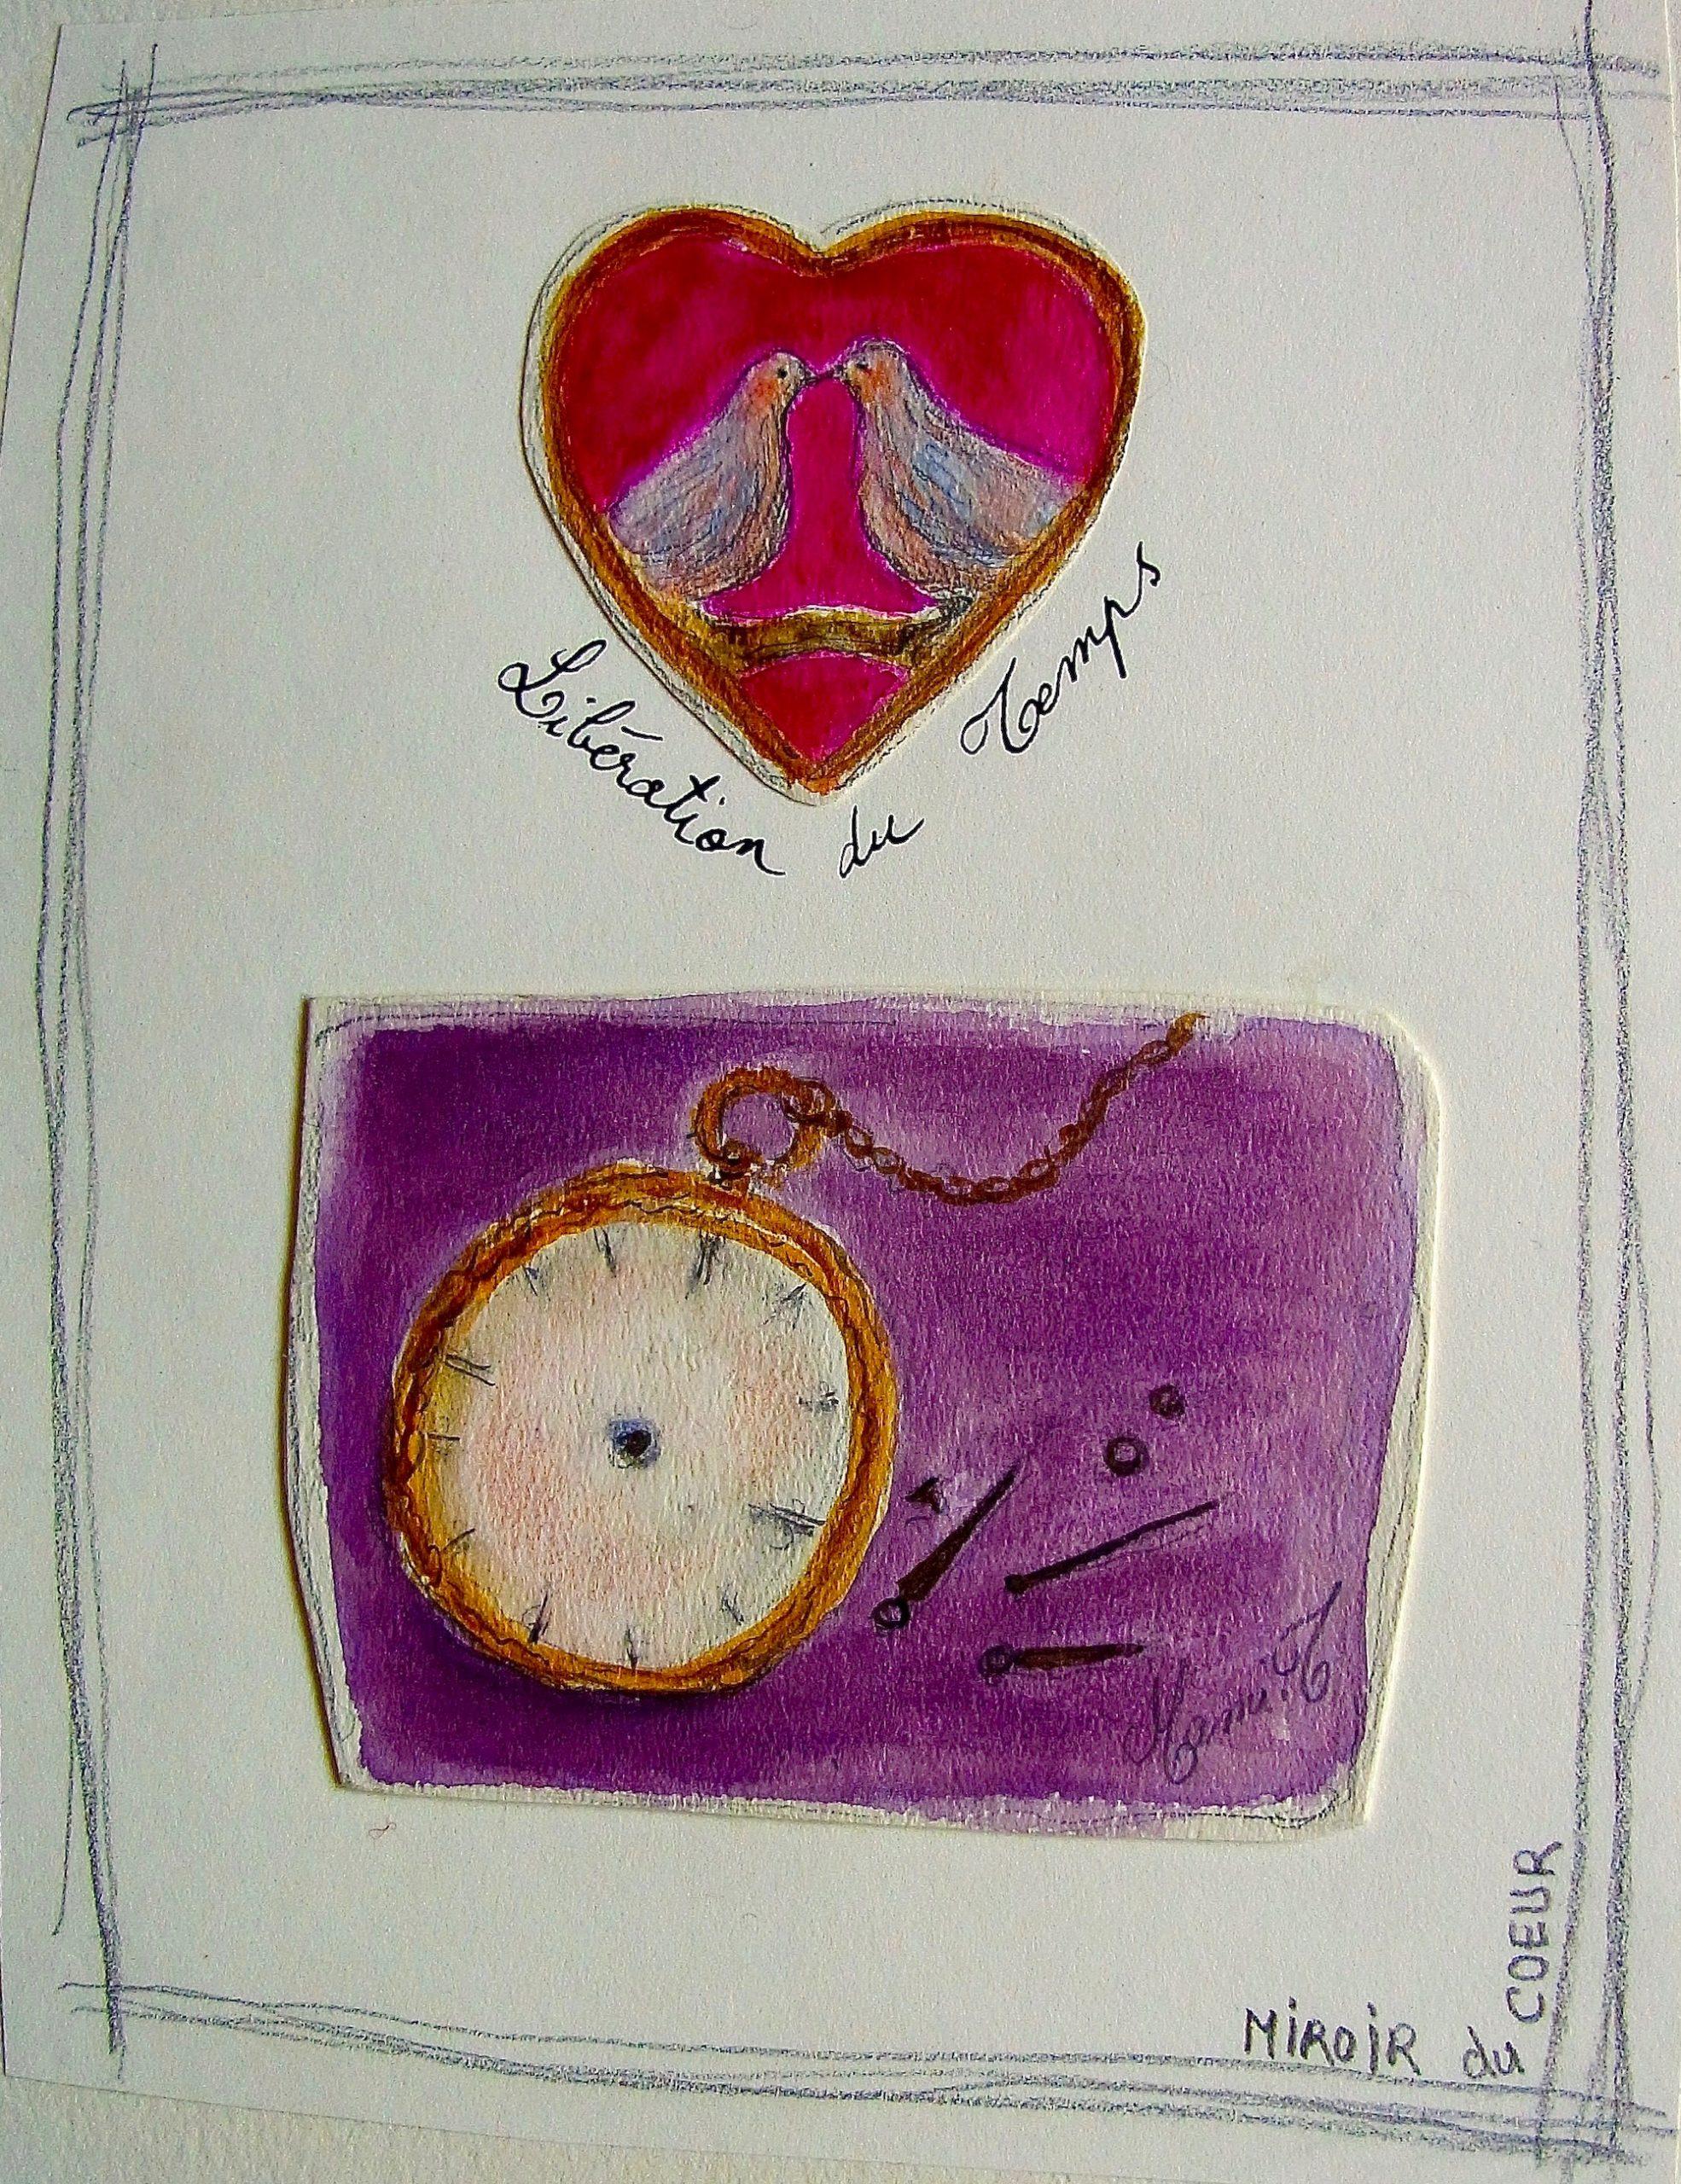 MAMI / Images et Poésie, Miroir du Coeur